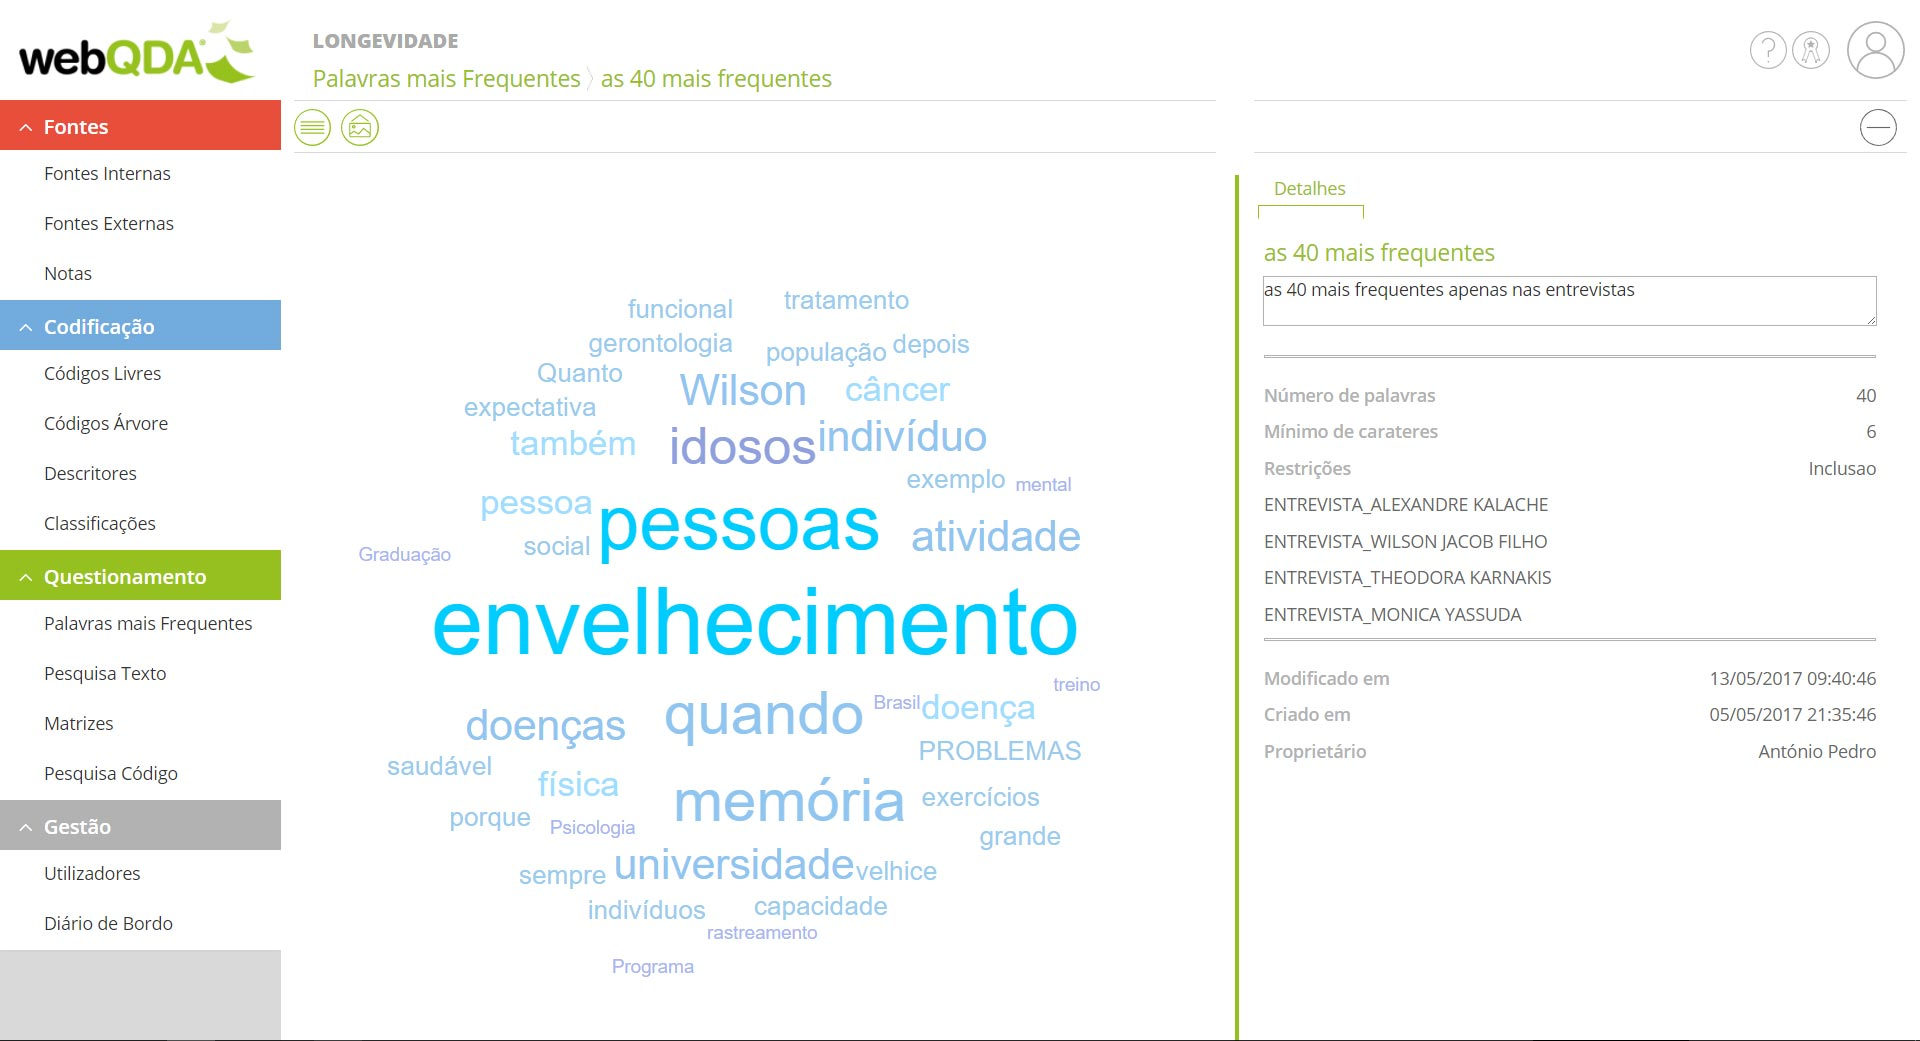 Nuvem de Palavras no webQDA